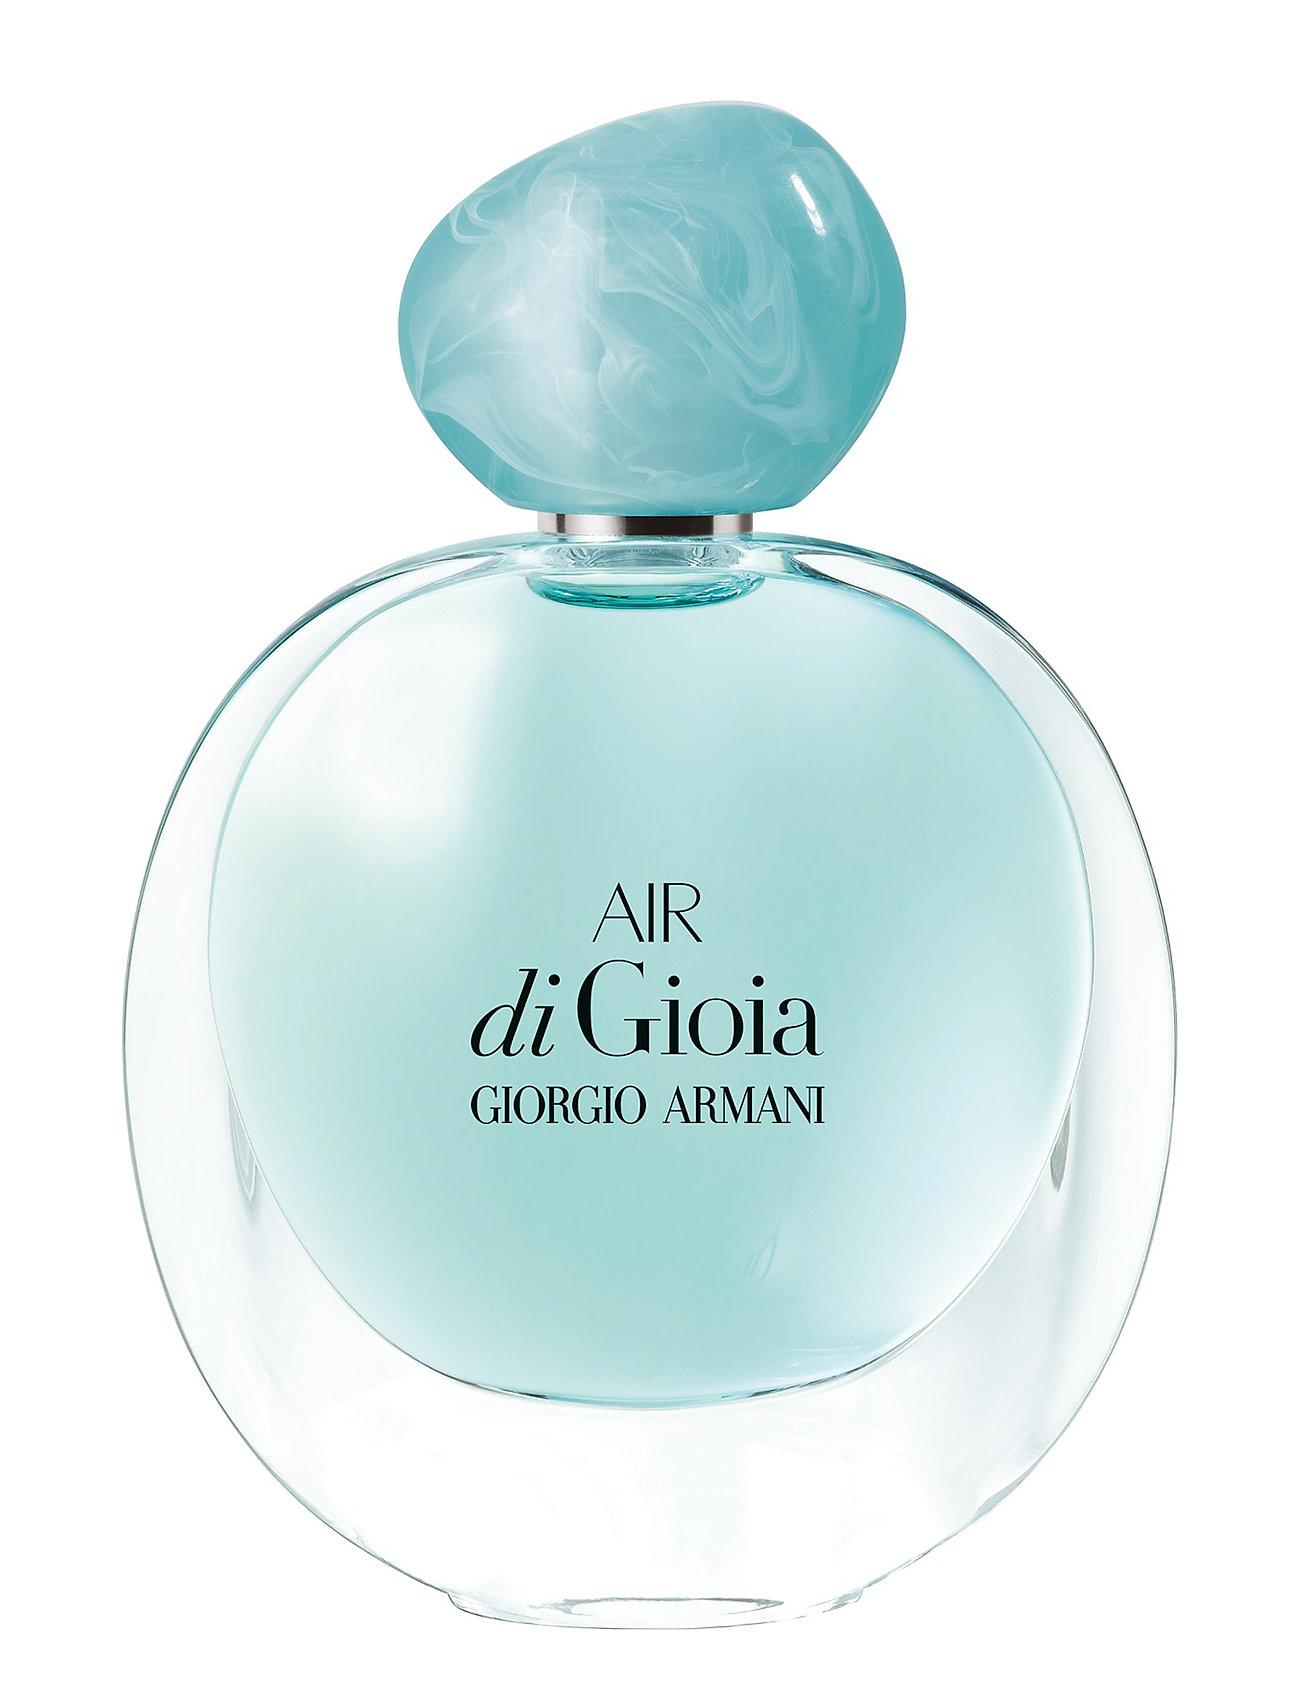 Air di gioia eau de parfum  50 ml fra giorgio armani på boozt.com dk